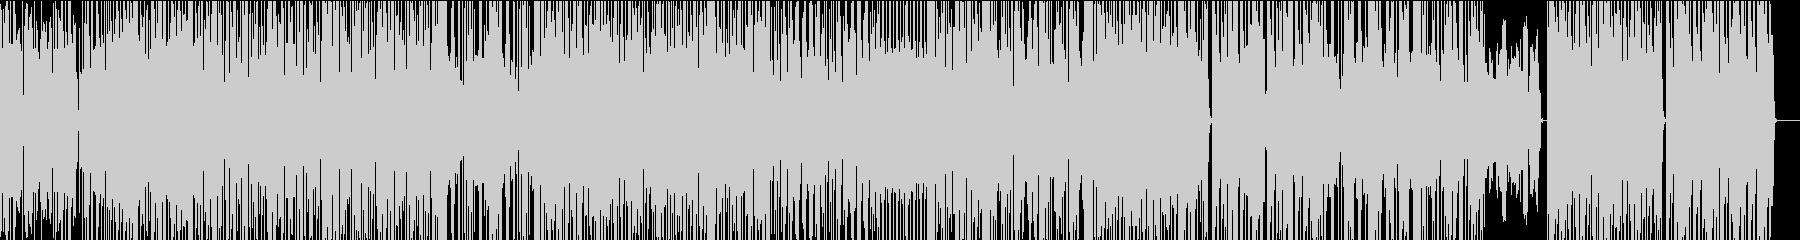 疾走感 スタイリッシュ テクノポップの未再生の波形